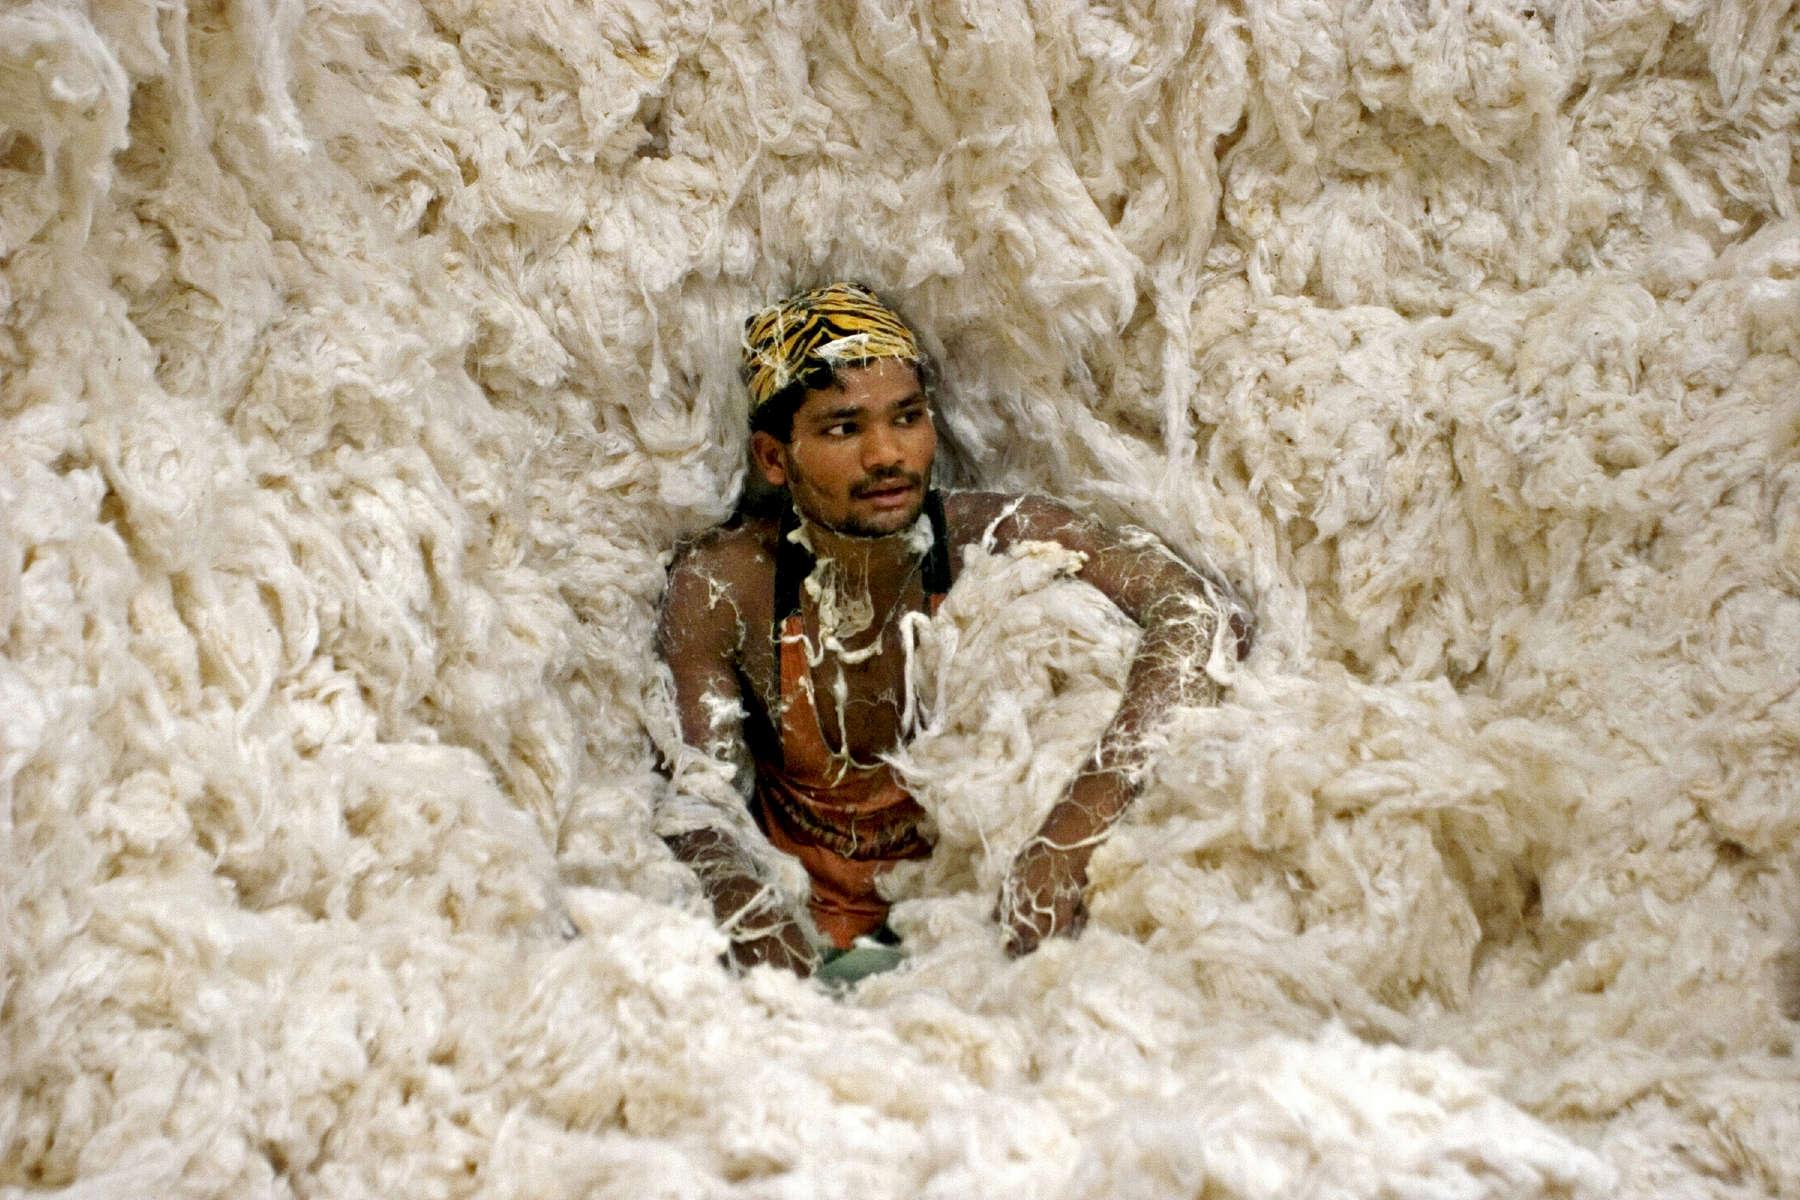 17.07.06. Usine de coton, Gore kunta, Warangal, Andhra Pradesh, Inde. ici, troisième étape : le coton est sorti des sac pour être compressé. Les ouvriers sont payés au rendement (52 roupies par sacs de coton).Le coton sera ensuite exporté dans d'autres régions de l'Inde (ex: Bengale) ou vers l'étranger (Bangadesh, Etats-Unis, Chine, Australie....) pour la confection de vêtements.